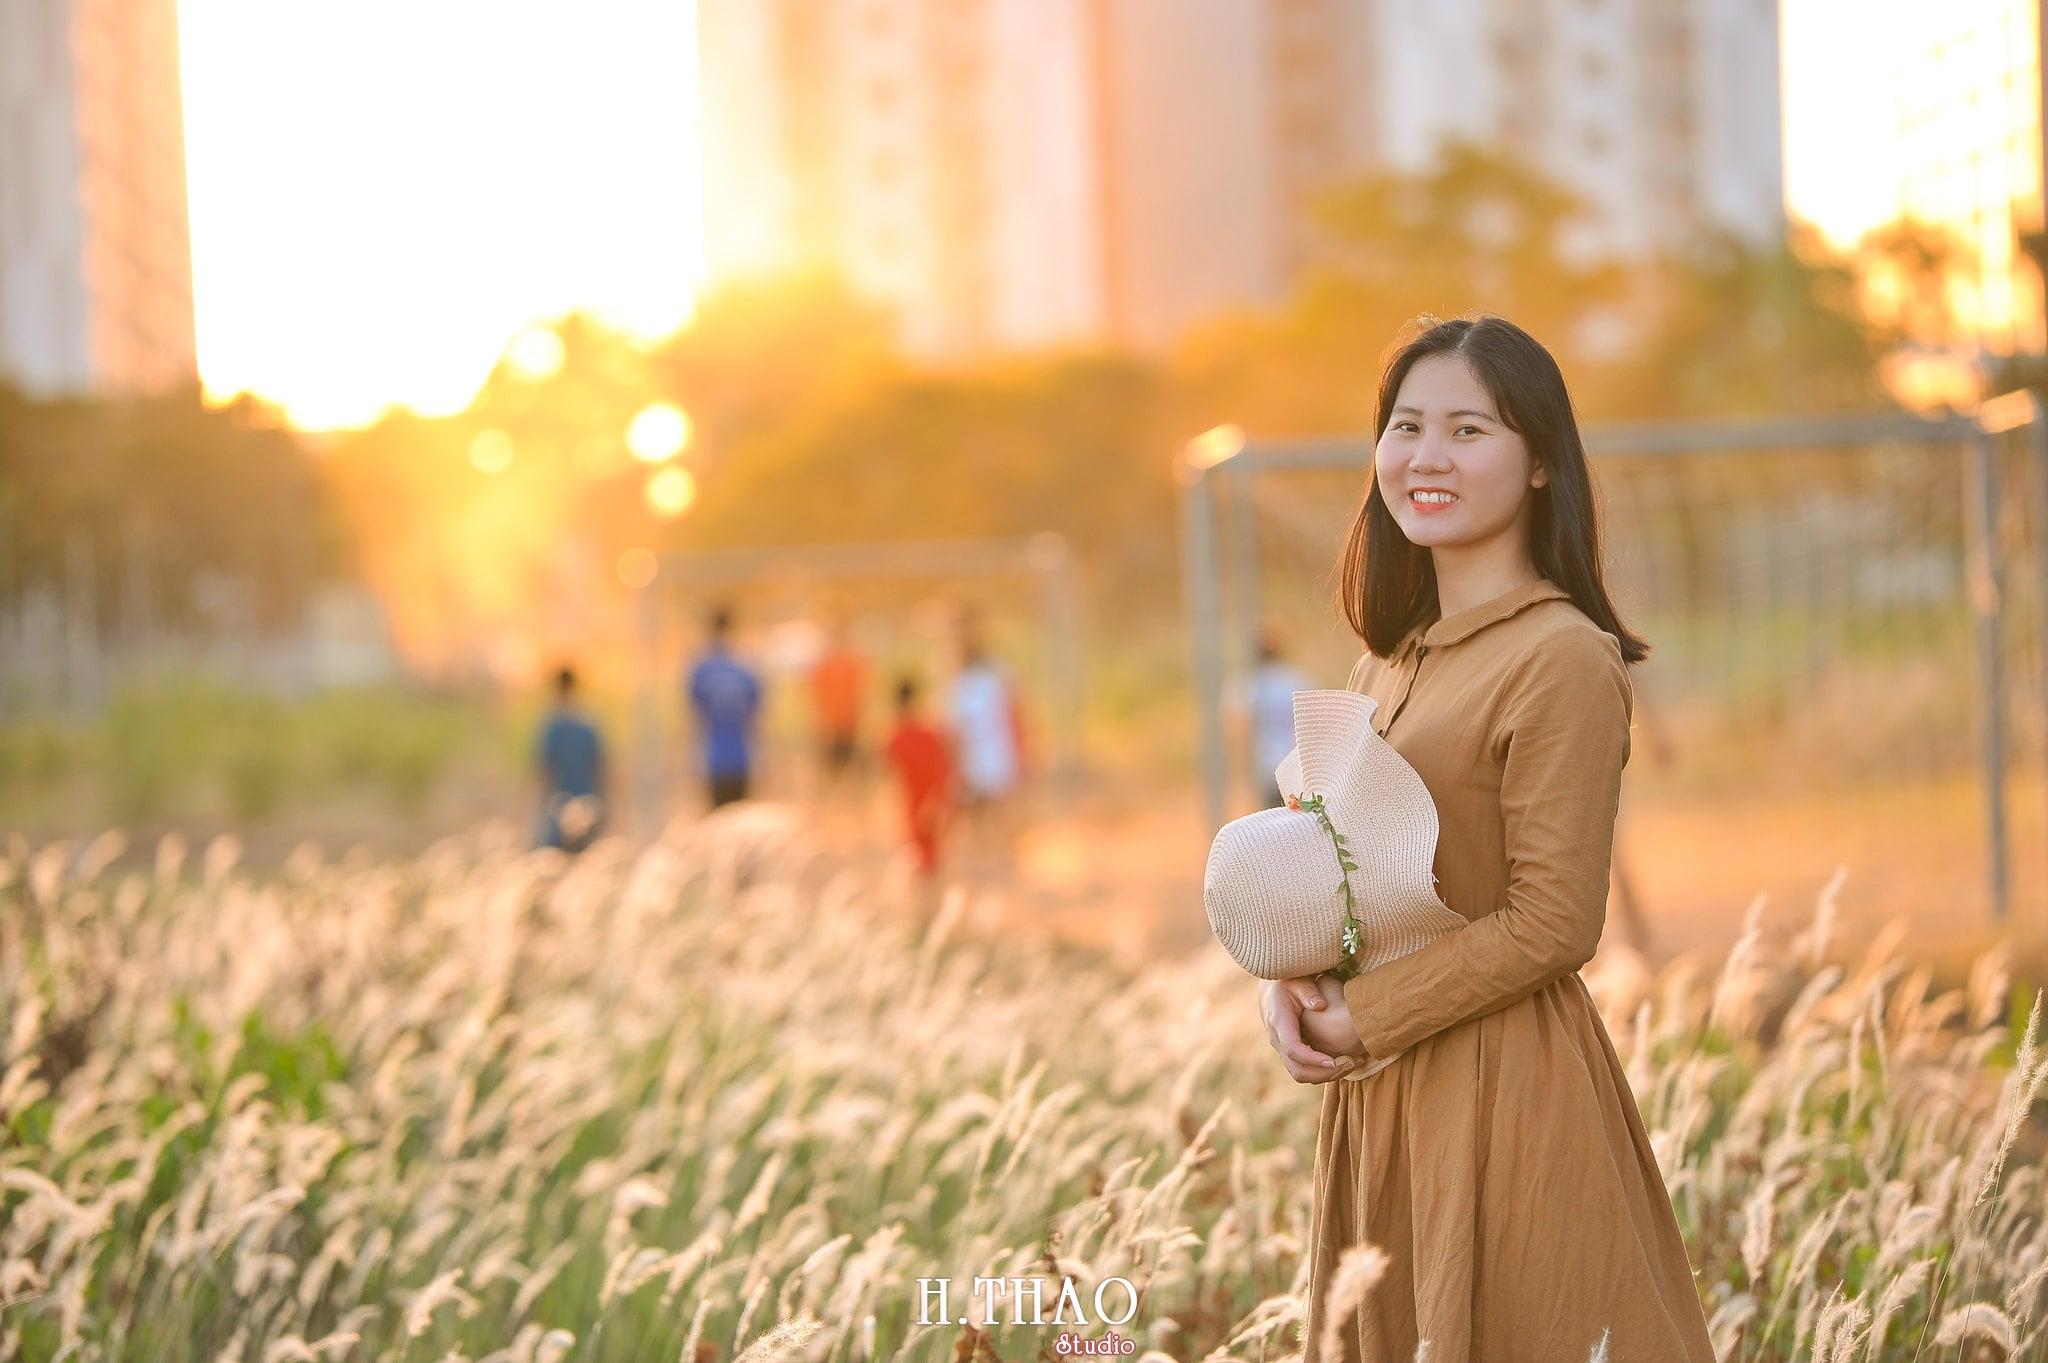 Co lau quan 9 5 min - Góc ảnh cỏ lau quận 2 tuyệt đẹp với nắng chiều - HThao Studio